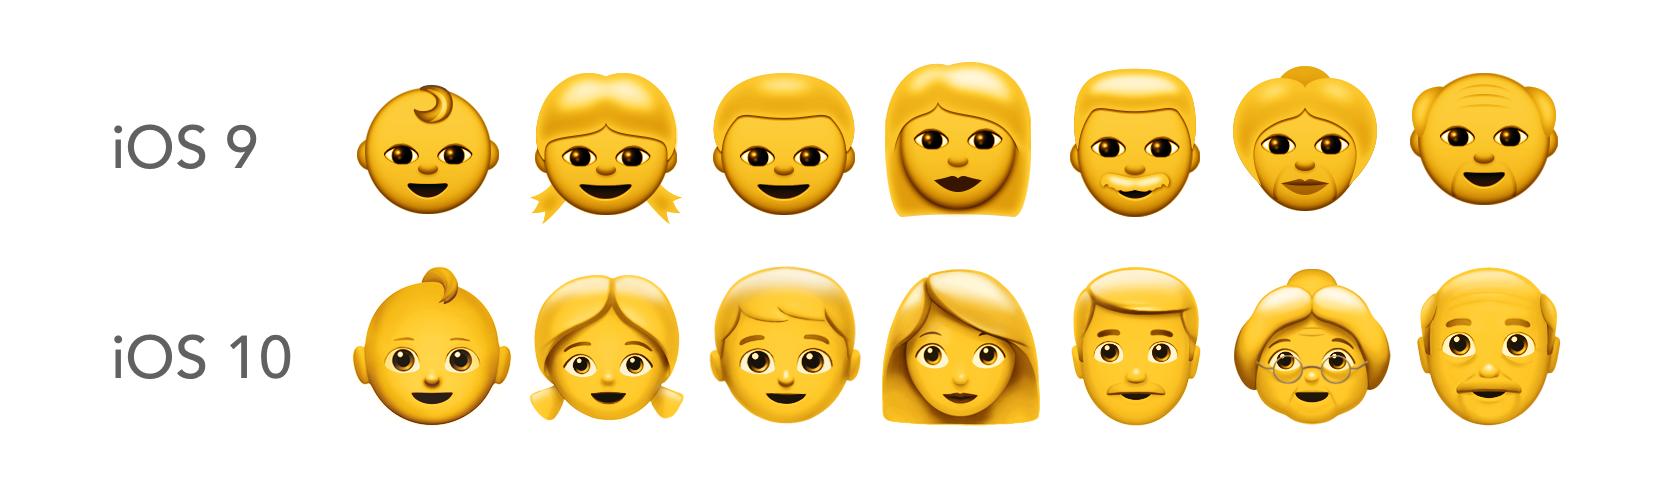 Gut bekannt iOS 10 Emoji Changelog ZI06